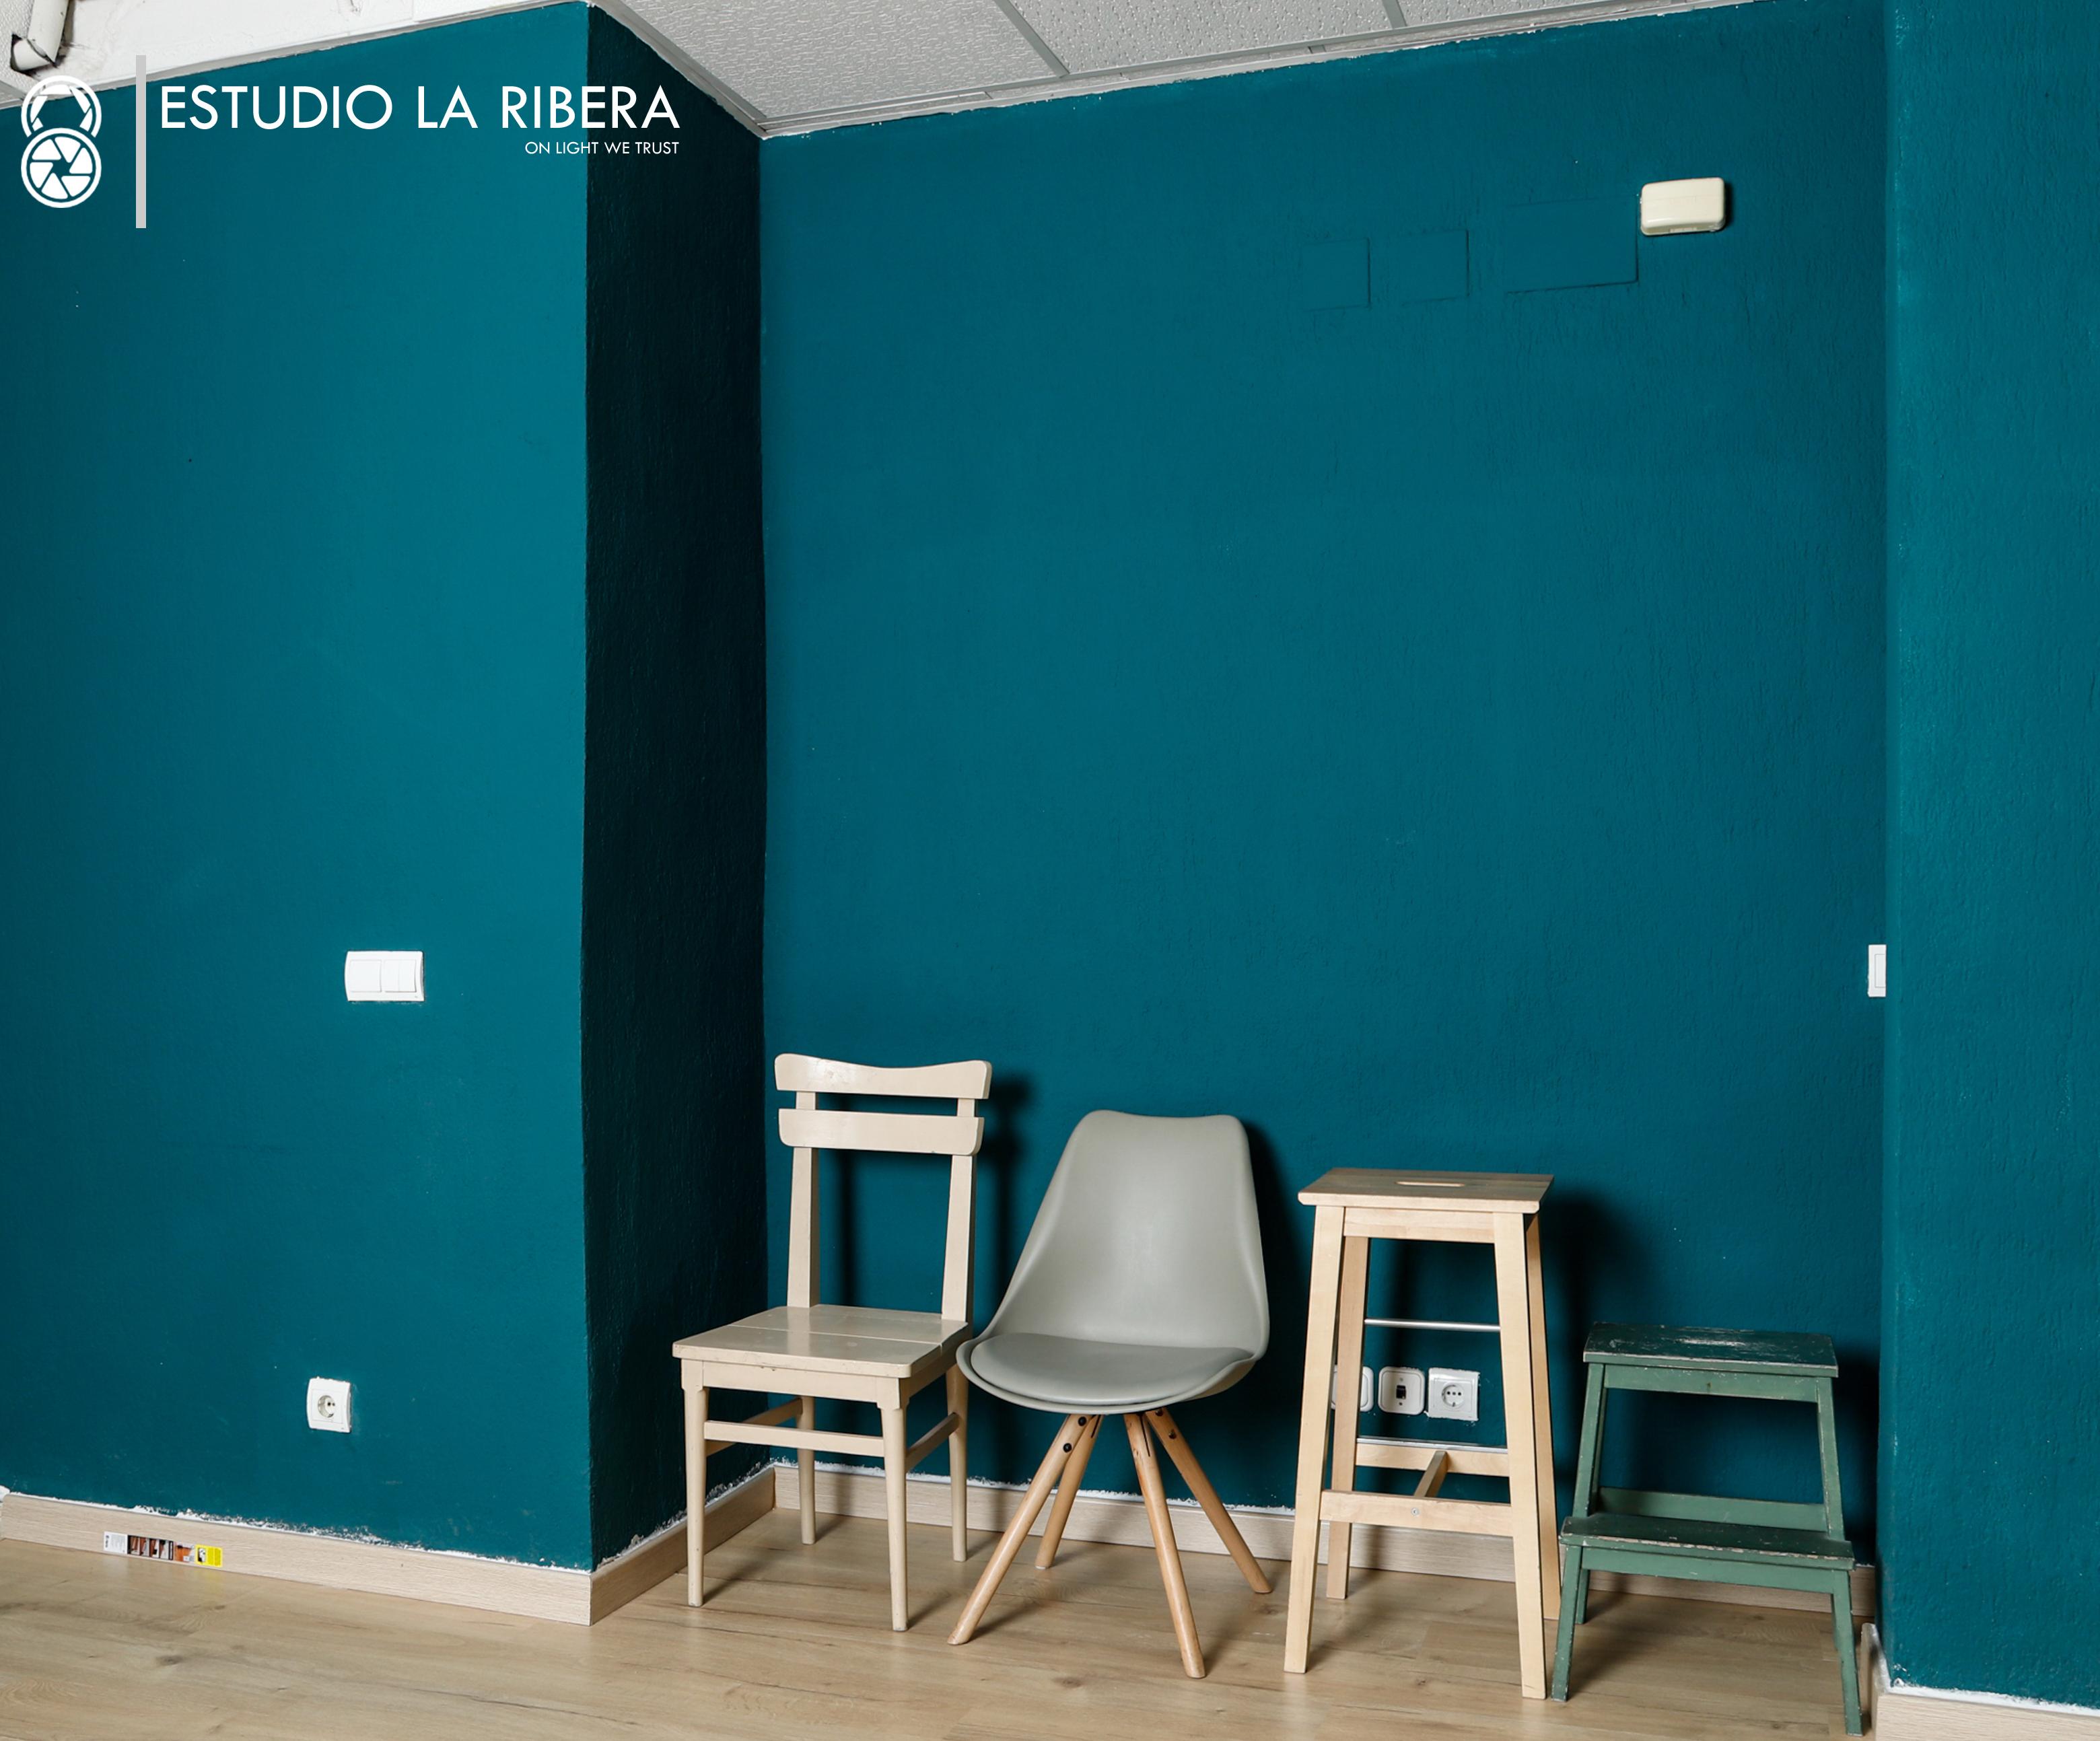 estudio_la_ribera_02